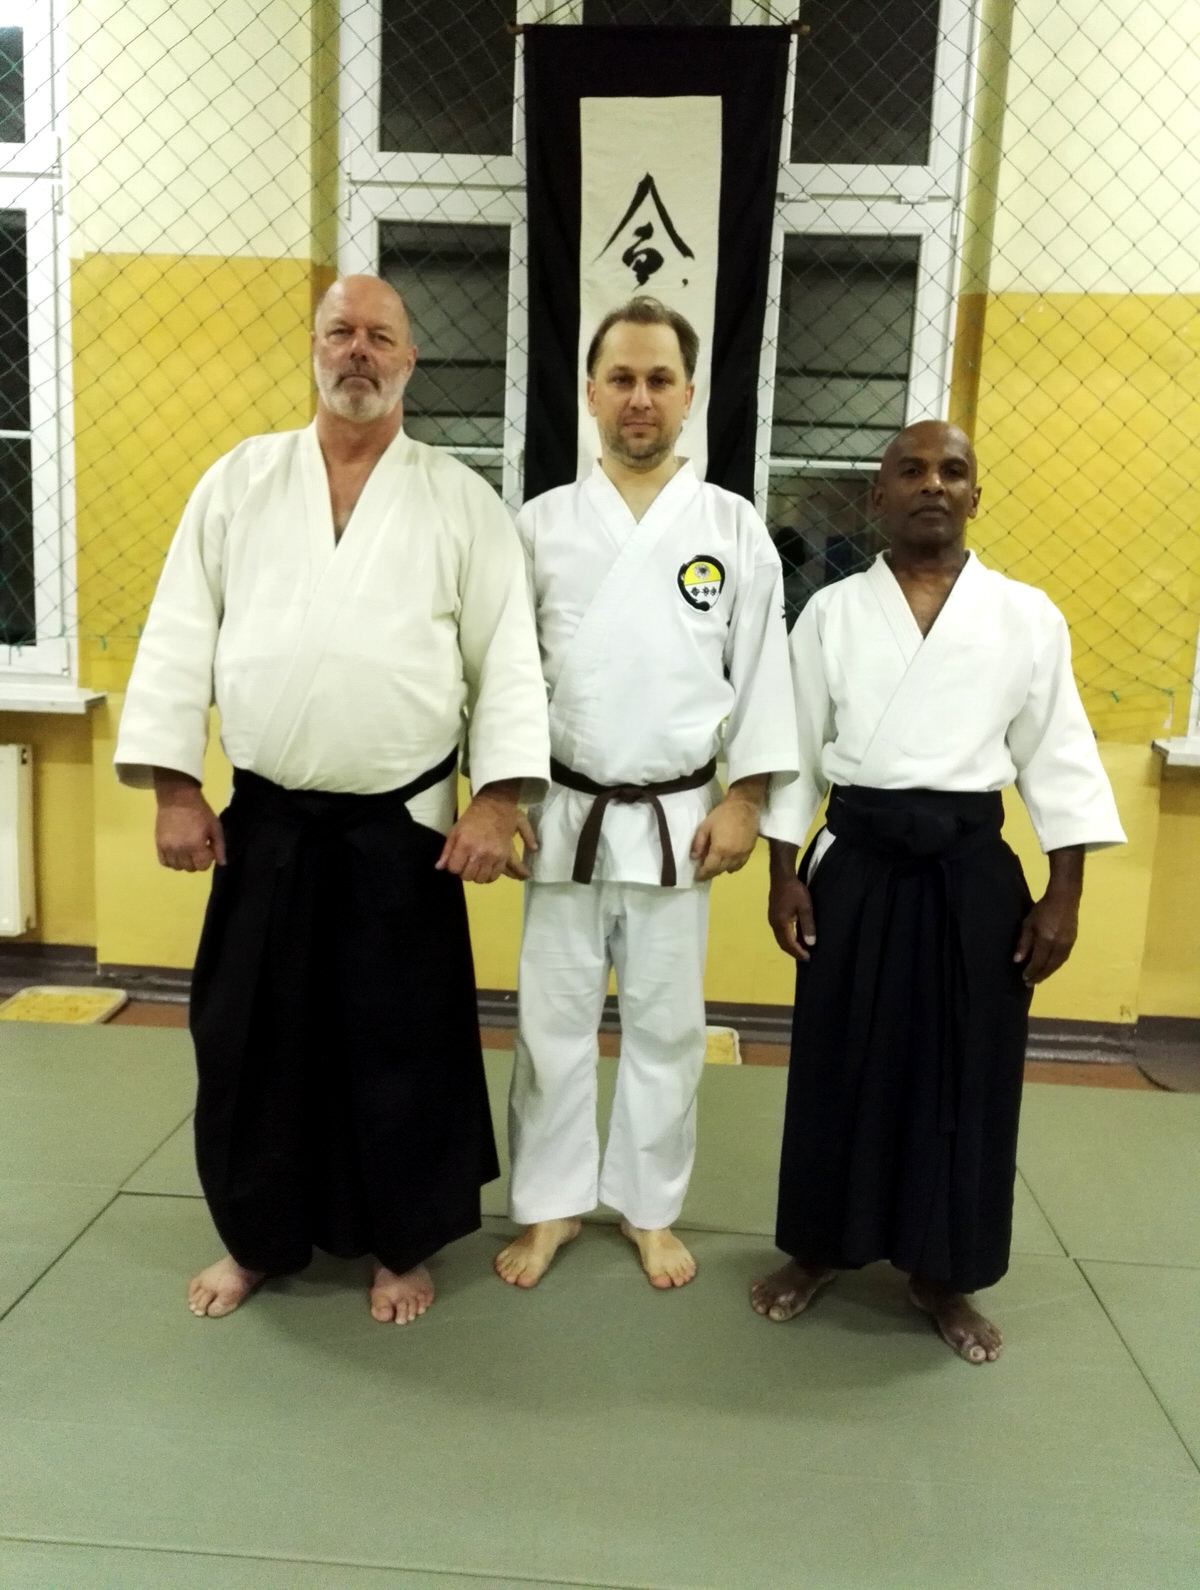 Семінар з Айкідо Йосінкан в Яблонці над Нісою, Чехія, з Робертом Мастердом і Джо Тамбу